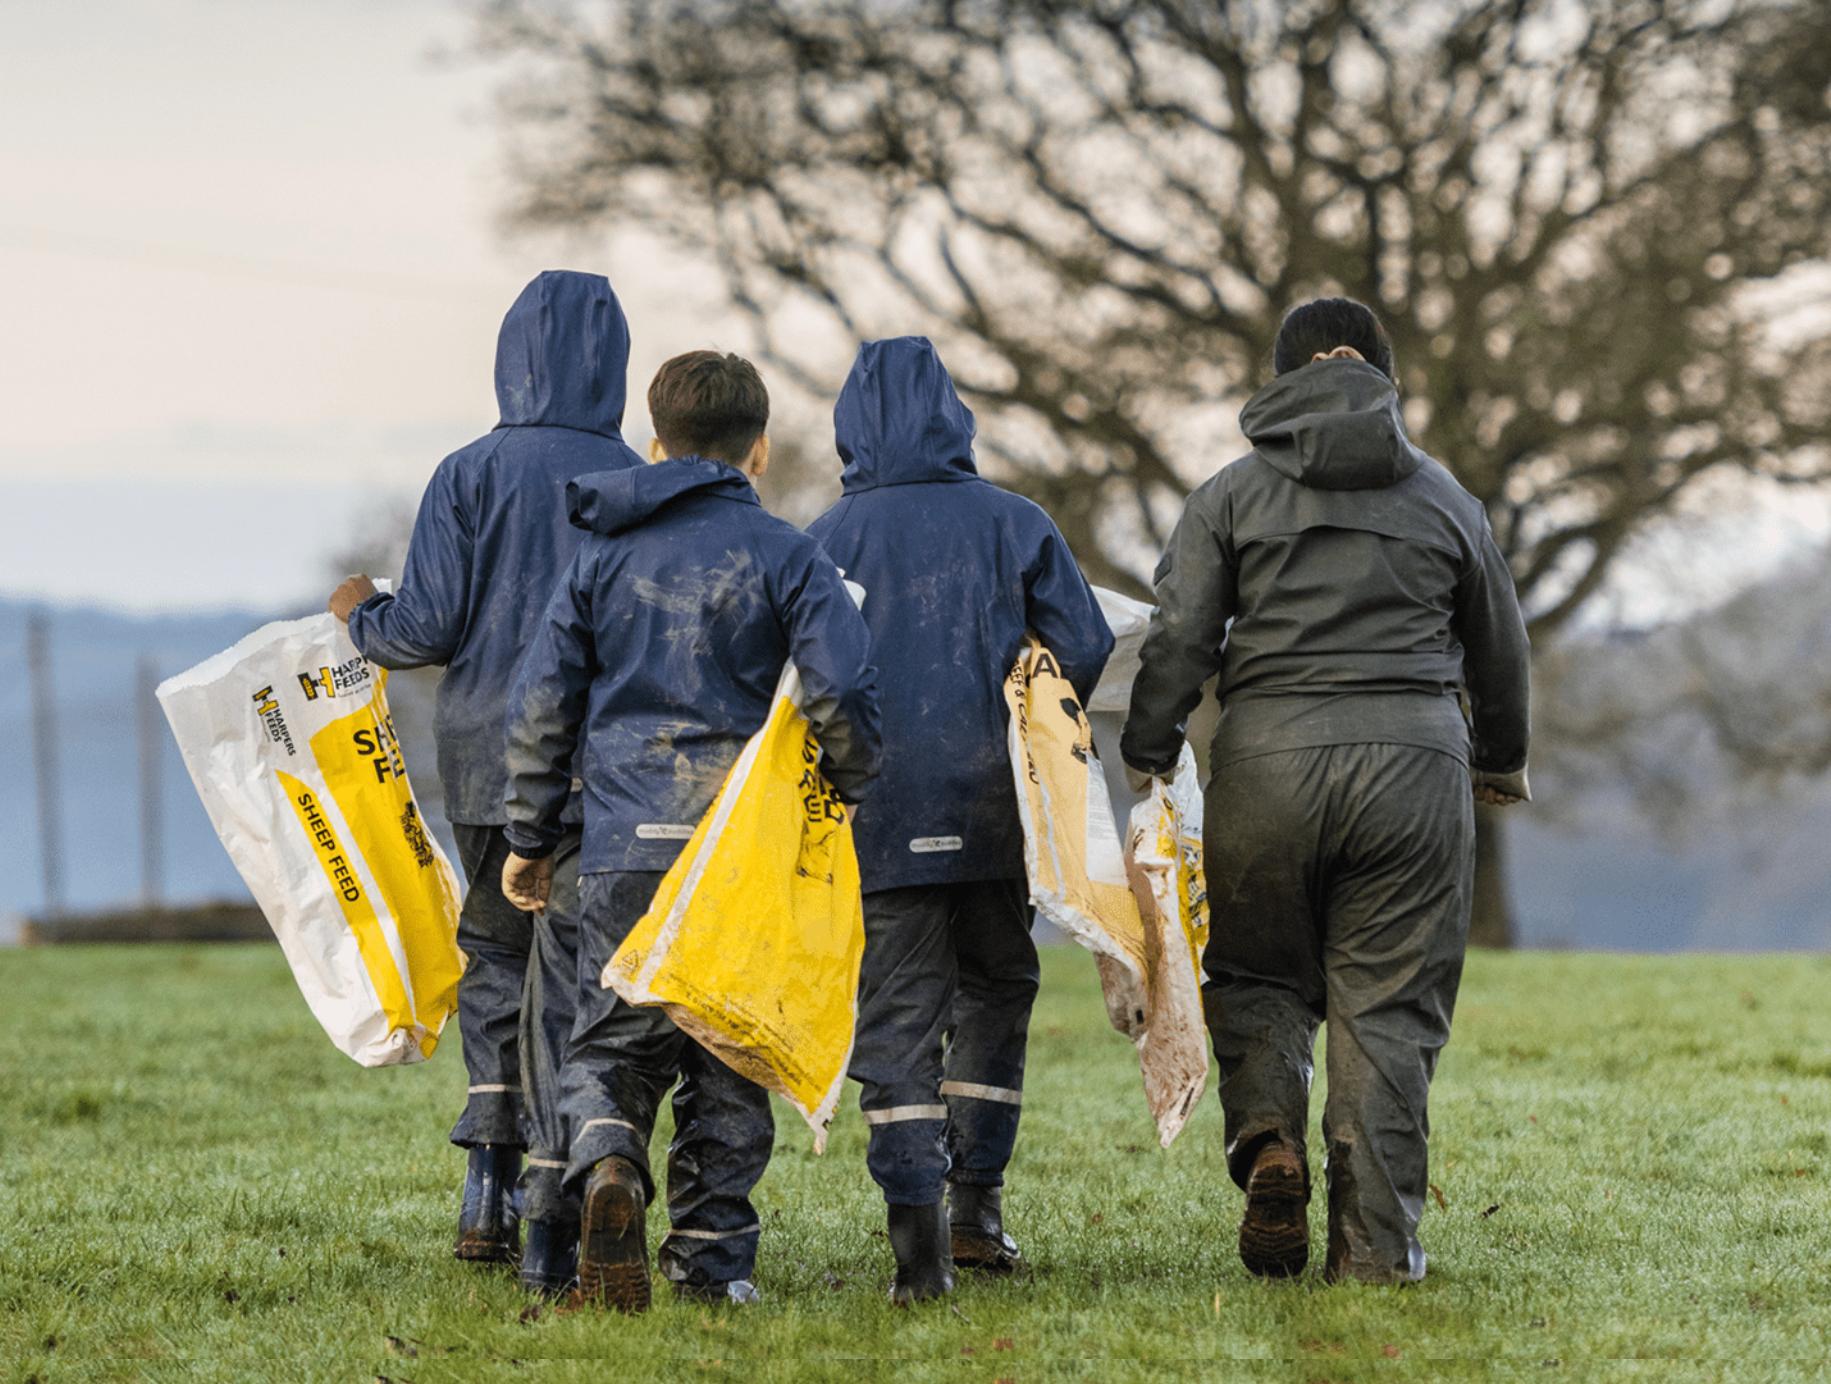 Farms for City Children – Michael Morpurgo